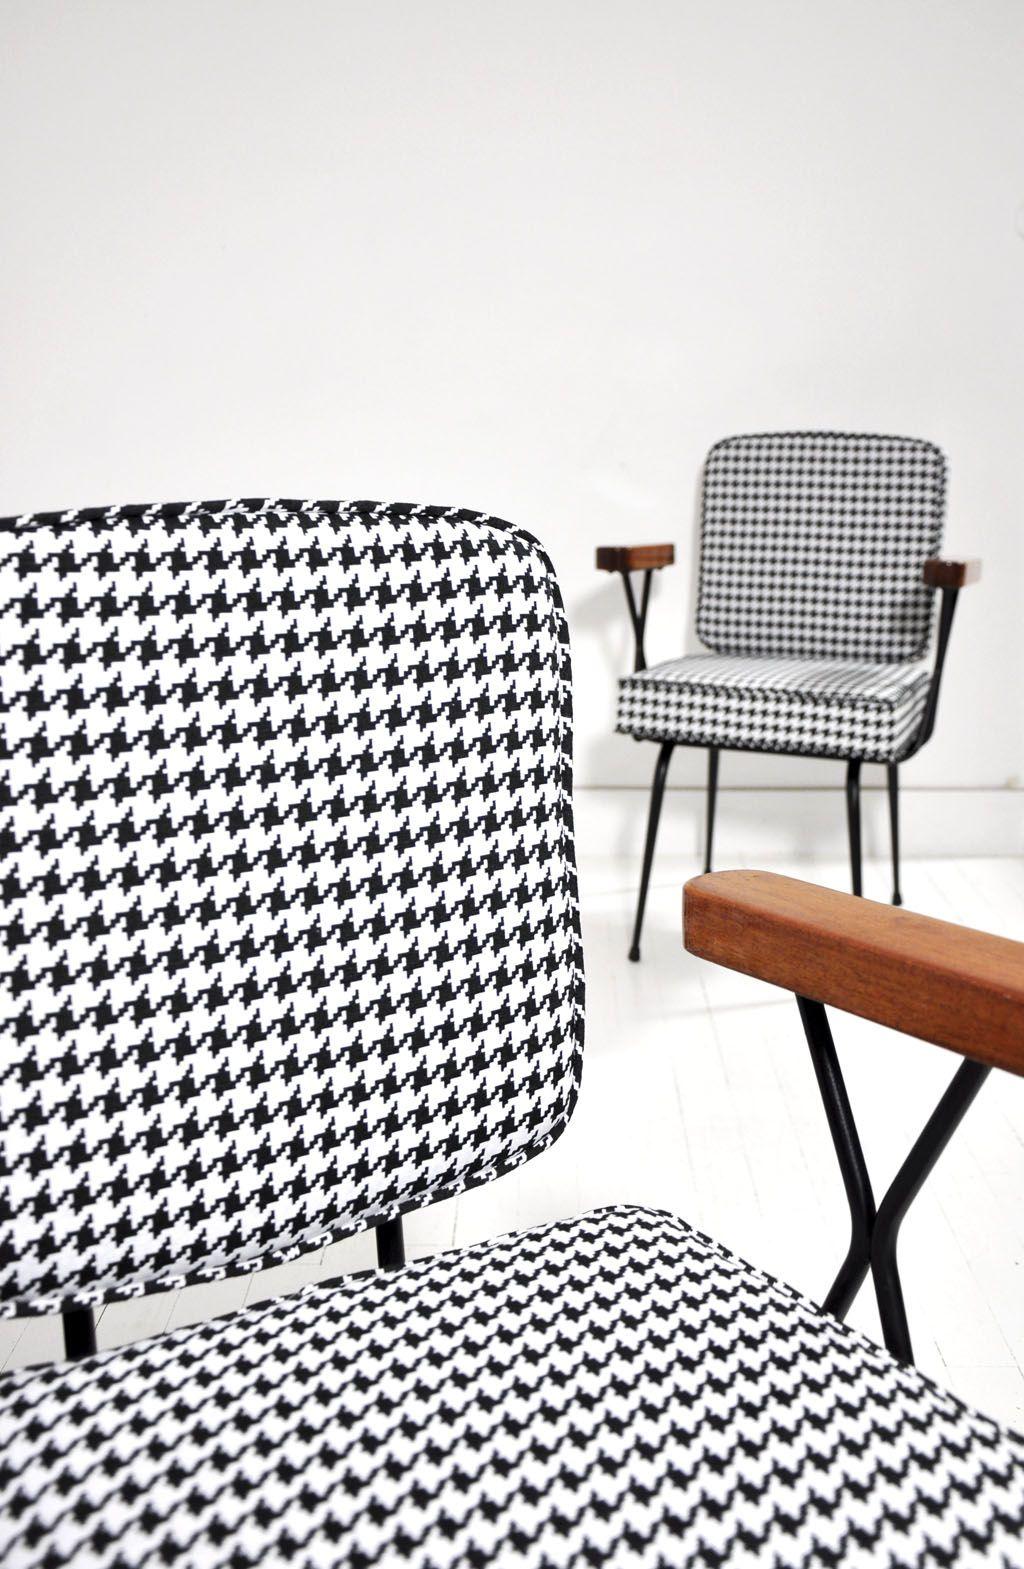 fauteuil mtal tubulaire annes 50 pied de coq pied de poule mobilier vintage bel ordinaire